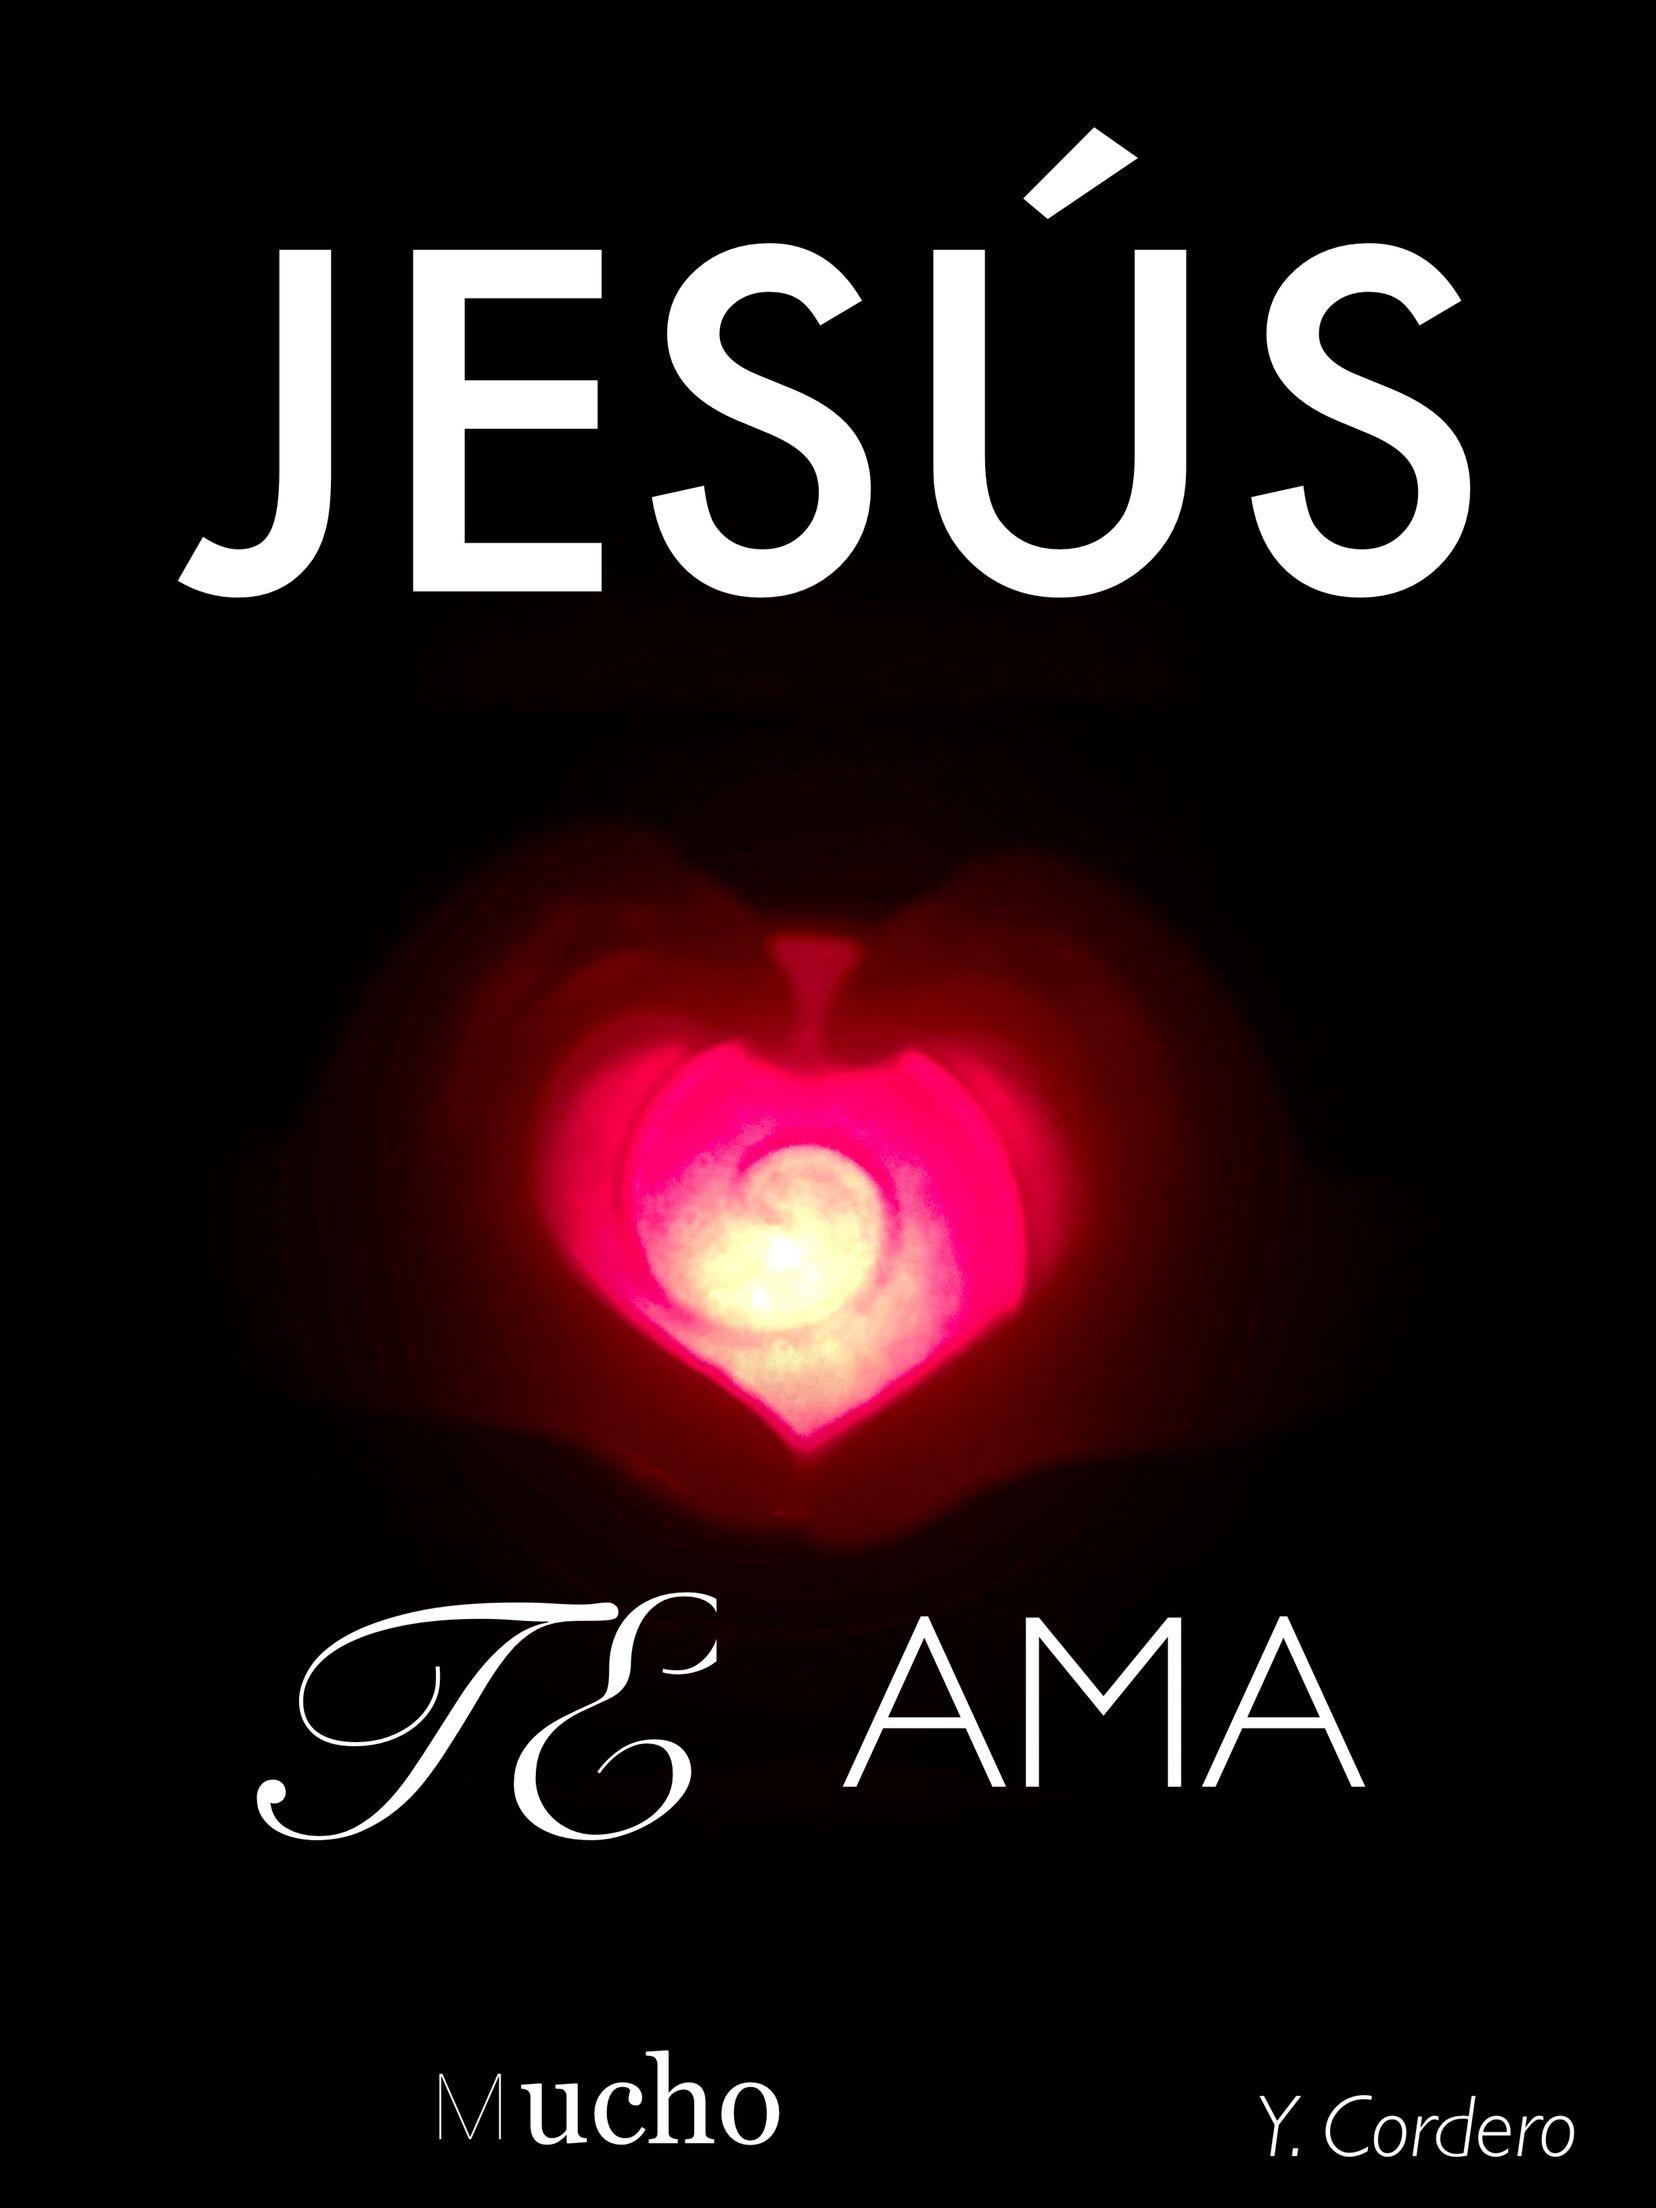 Jesus Te ama Y.Cordero | Palabra de Fe y Verdad | Pinterest | Jesus ...